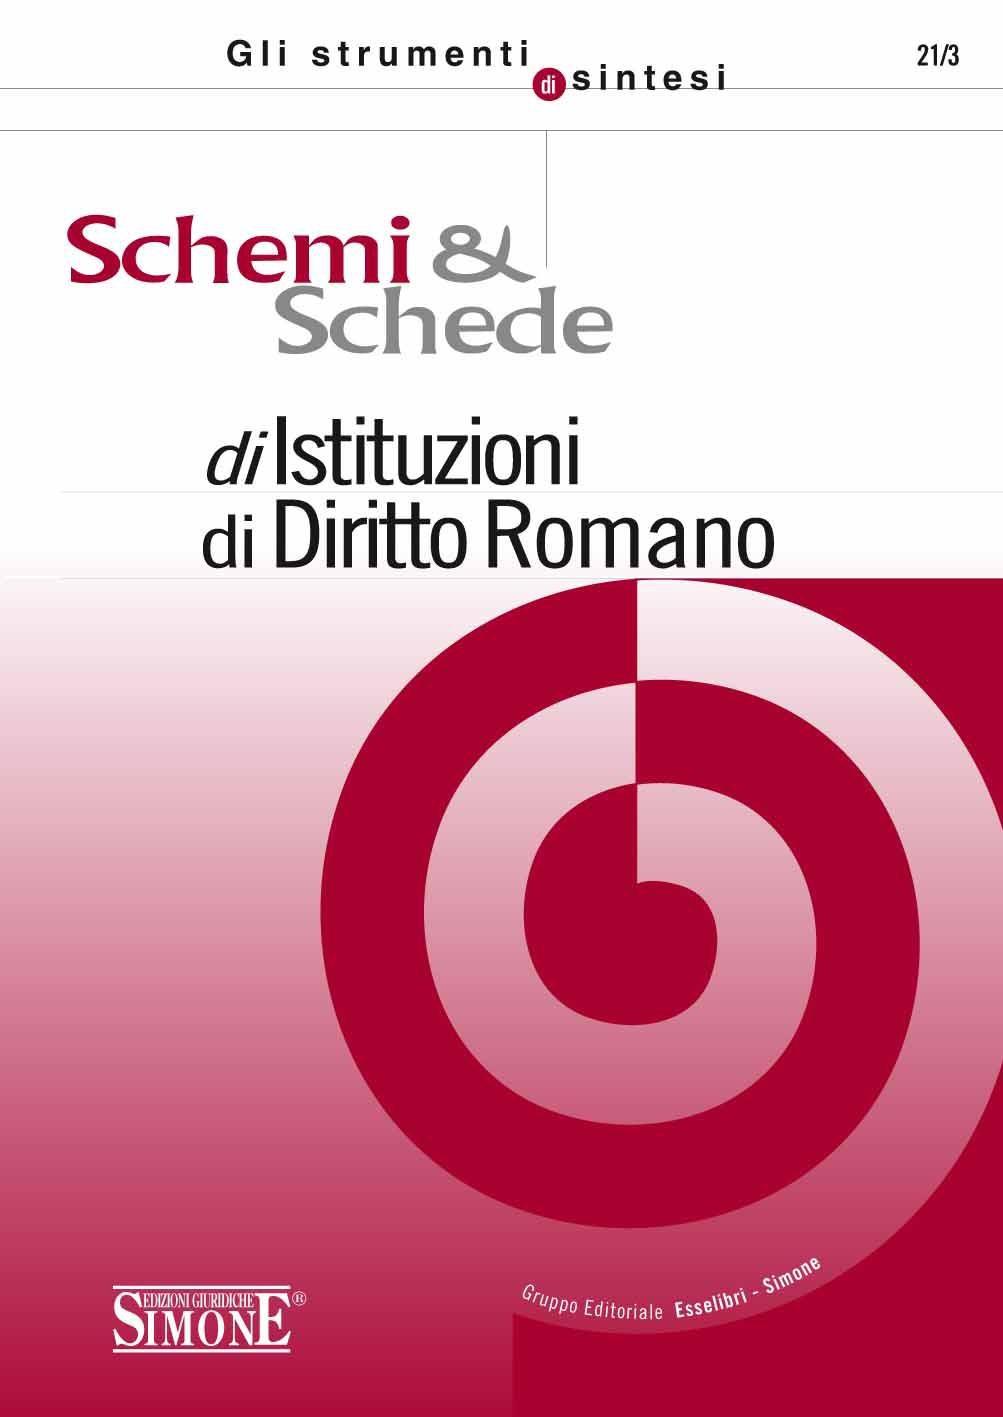 Matrimonio Diritto Romano Simone : Schemi e schede di istituzioni diritto romano